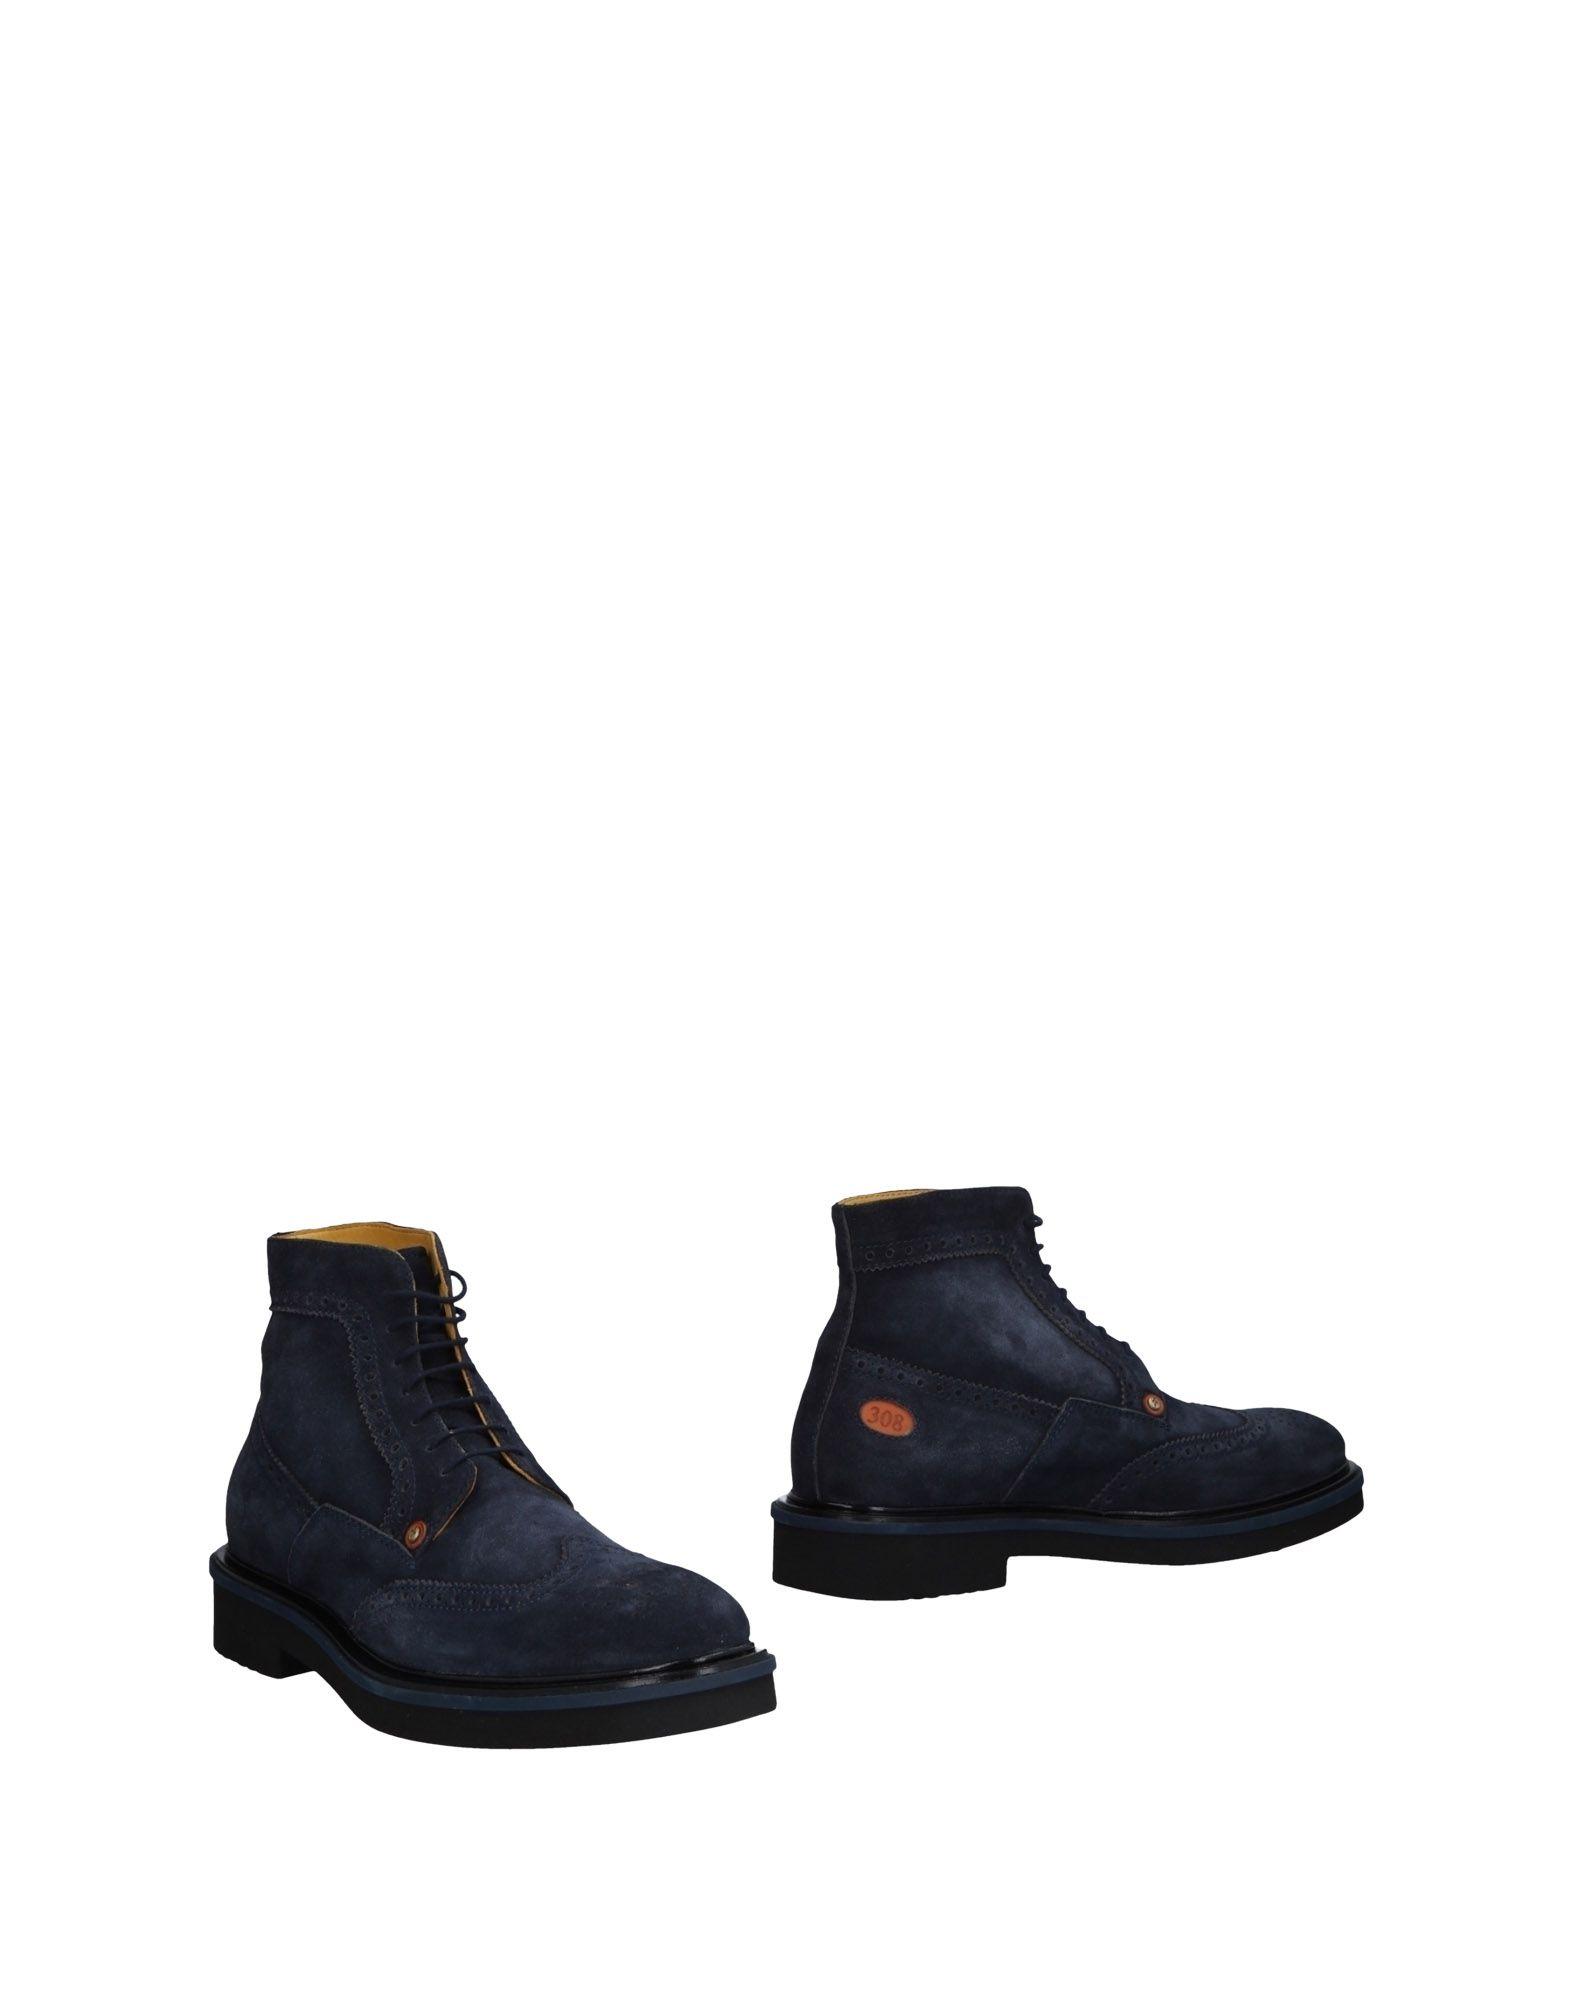 Paciotti 308 Madison Nyc Stiefelette Herren  11474851UV Gute Qualität beliebte Schuhe